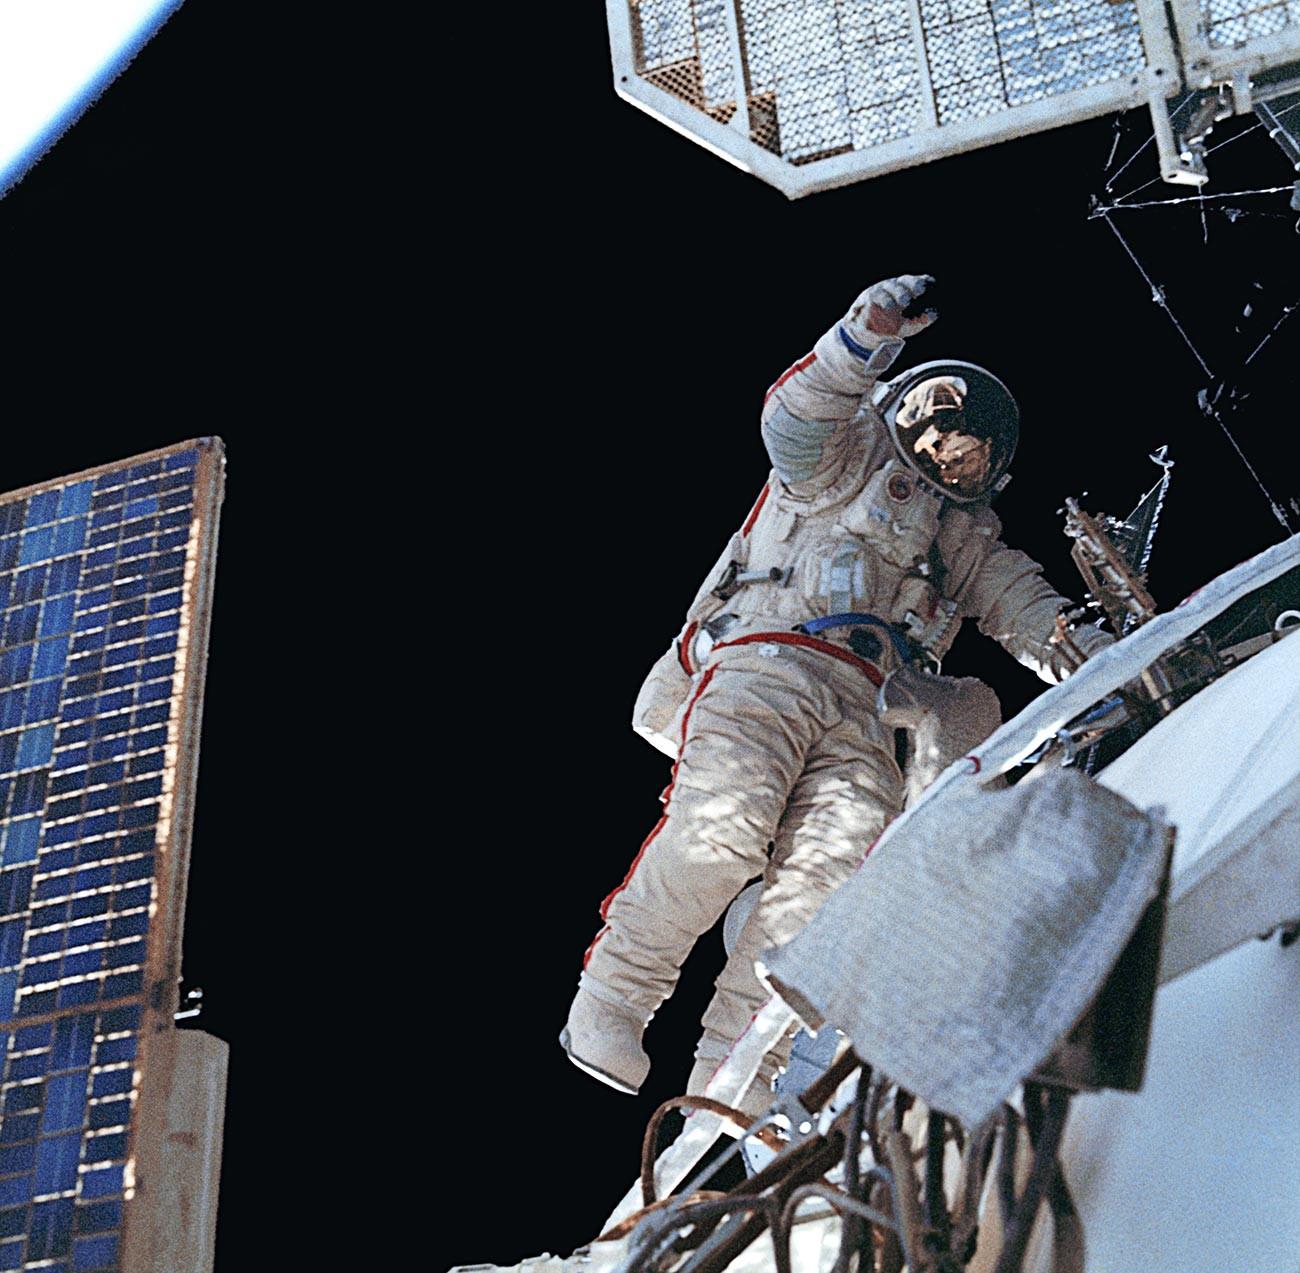 El cosmonauta Alexánder Volkov durante un paseo espacial.